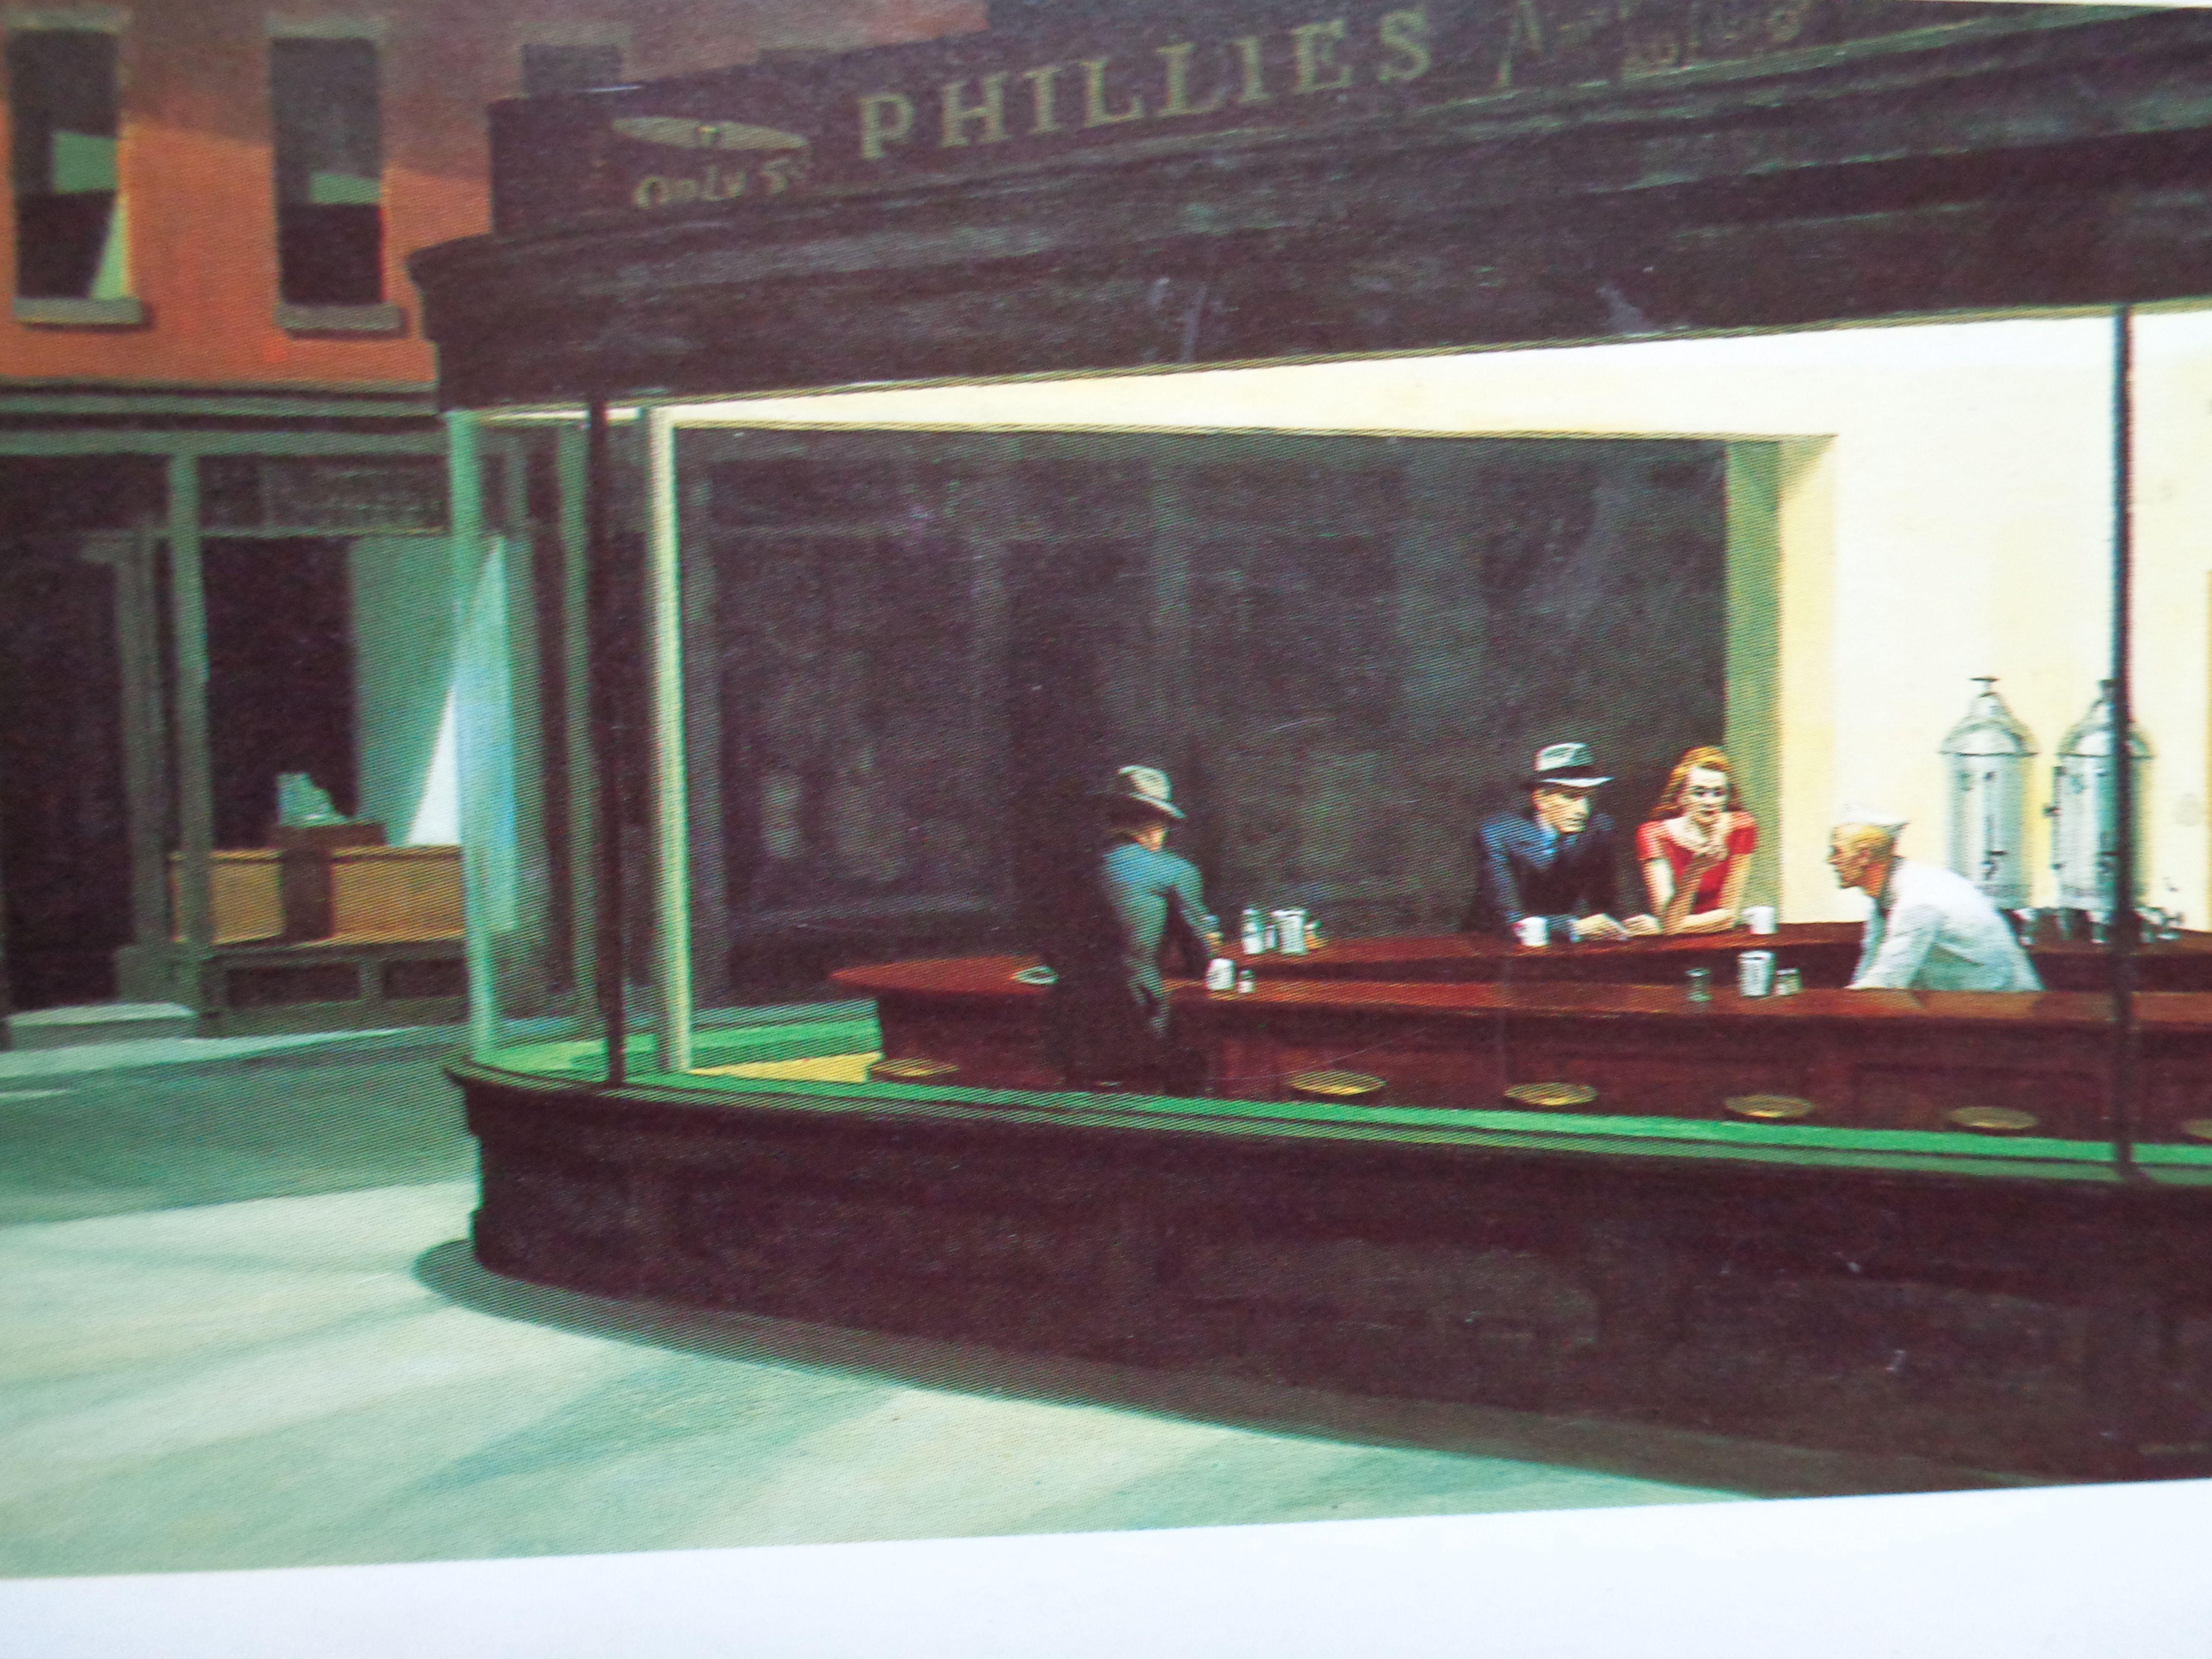 Edward Hopper Nighthawks 1942 Doordat Het Buiten Donker Is En De Mensen In Een Fel Verlichte Ruimte Zitten K Realisme Kunst Amerikaanse Kunst Beroemde Kunst